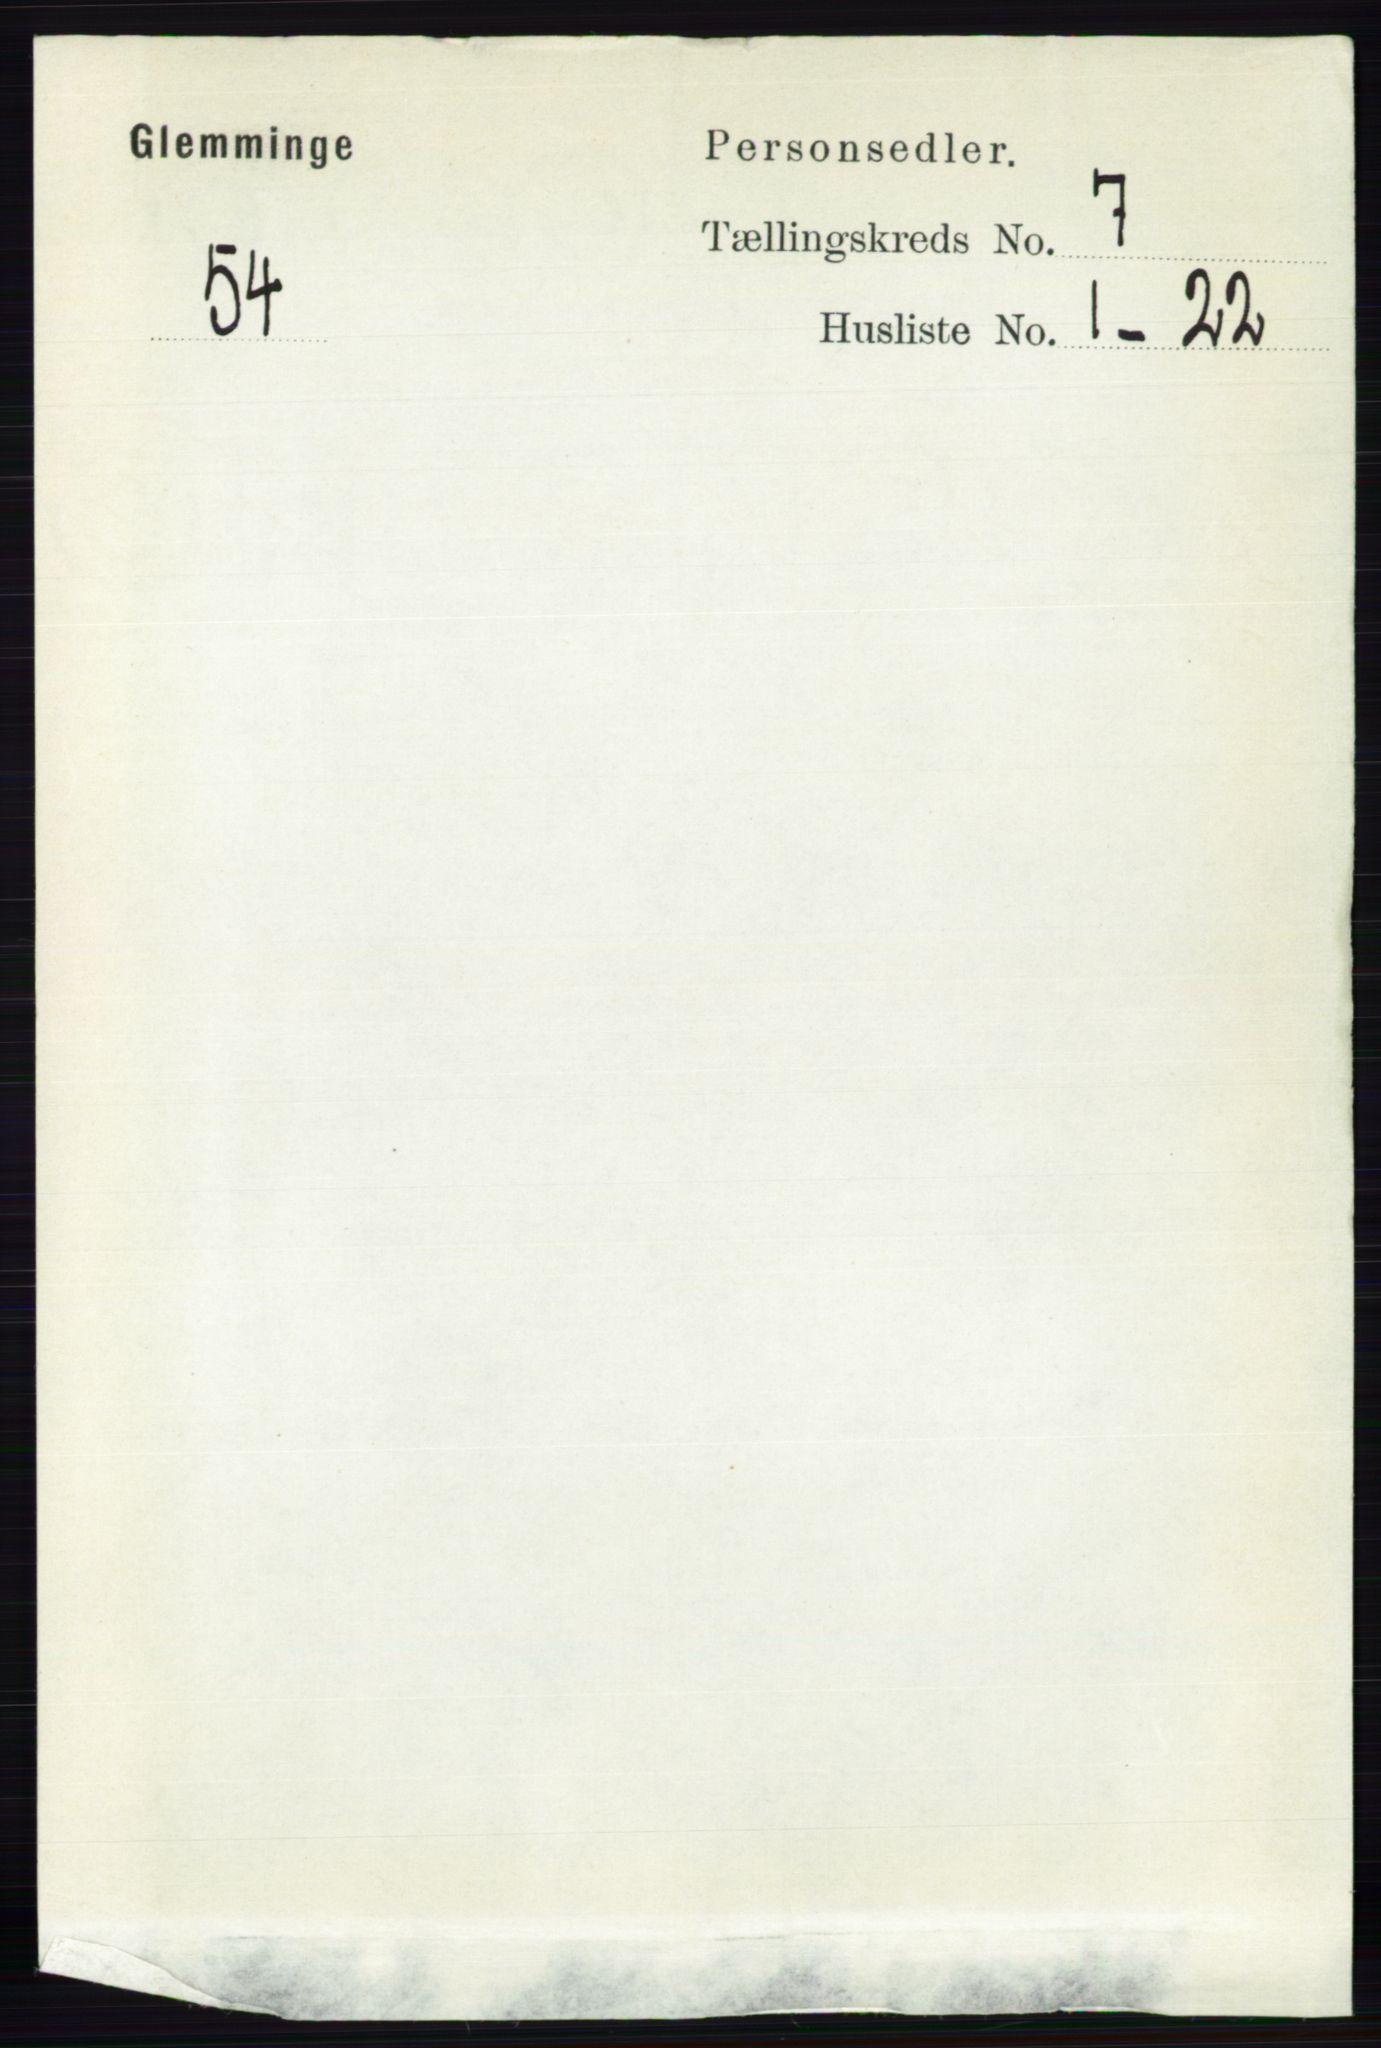 RA, Folketelling 1891 for 0132 Glemmen herred, 1891, s. 9128